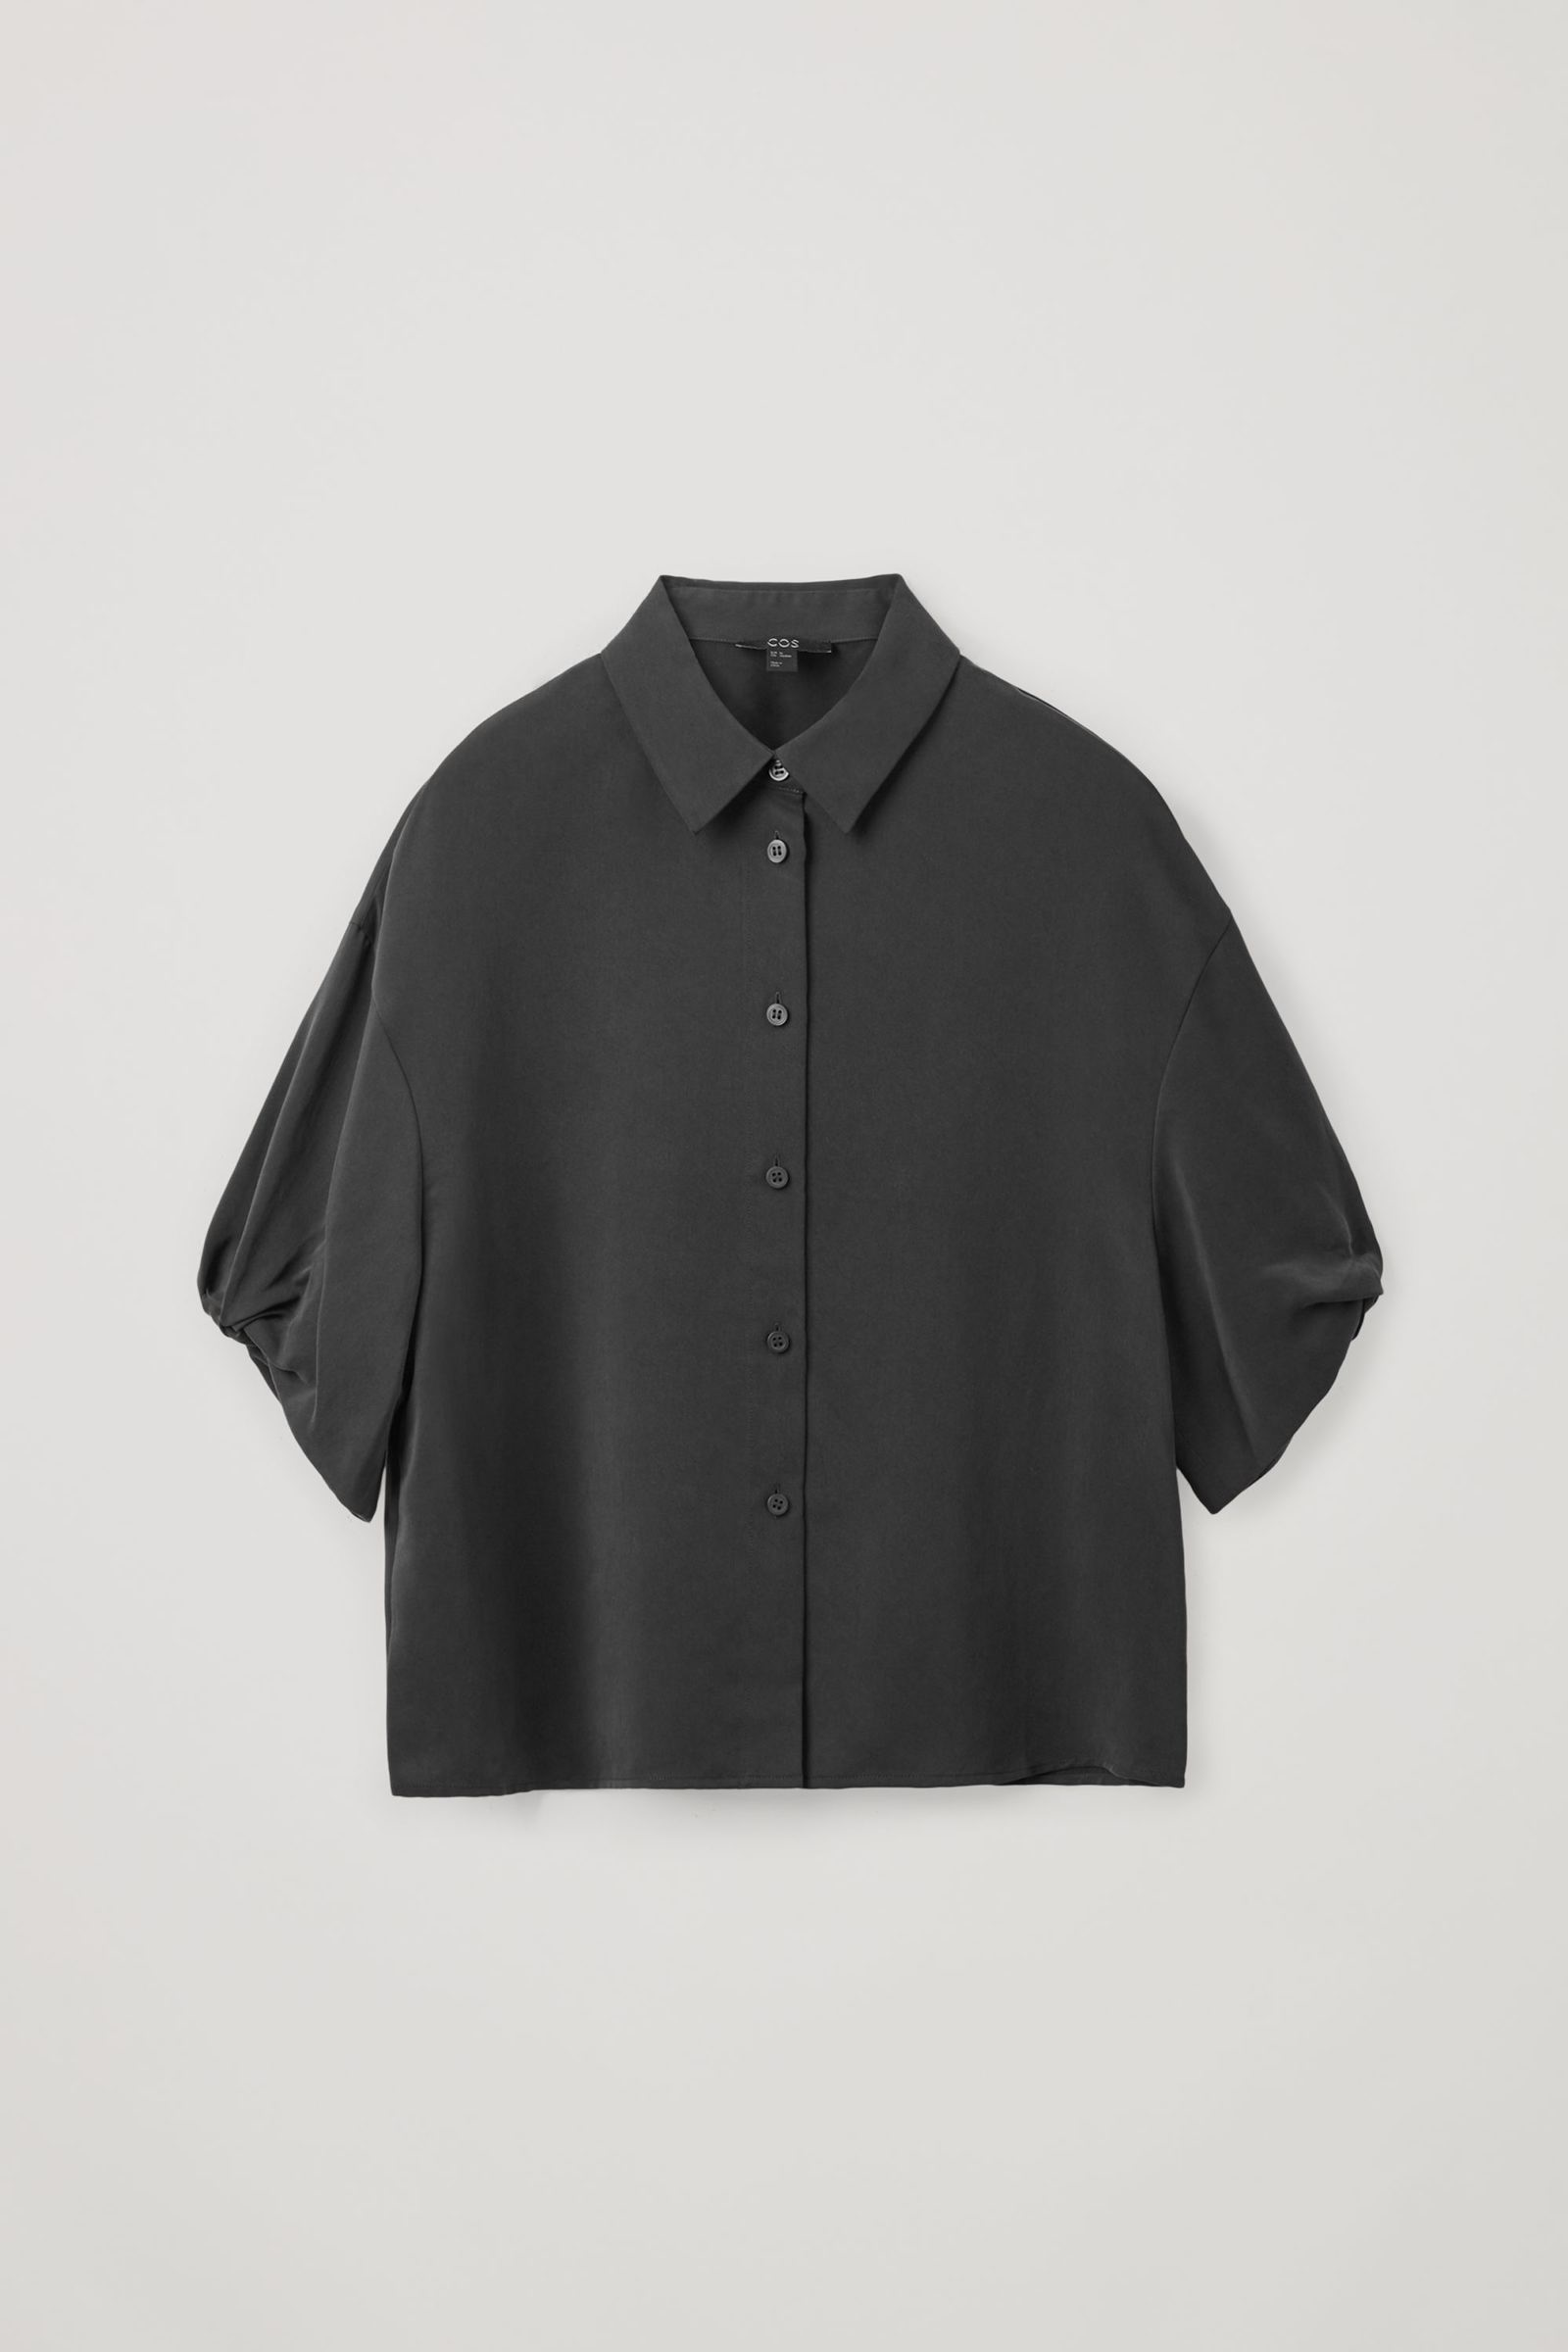 COS 쇼트 퍼프 슬리브 셔츠의 블랙컬러 Product입니다.